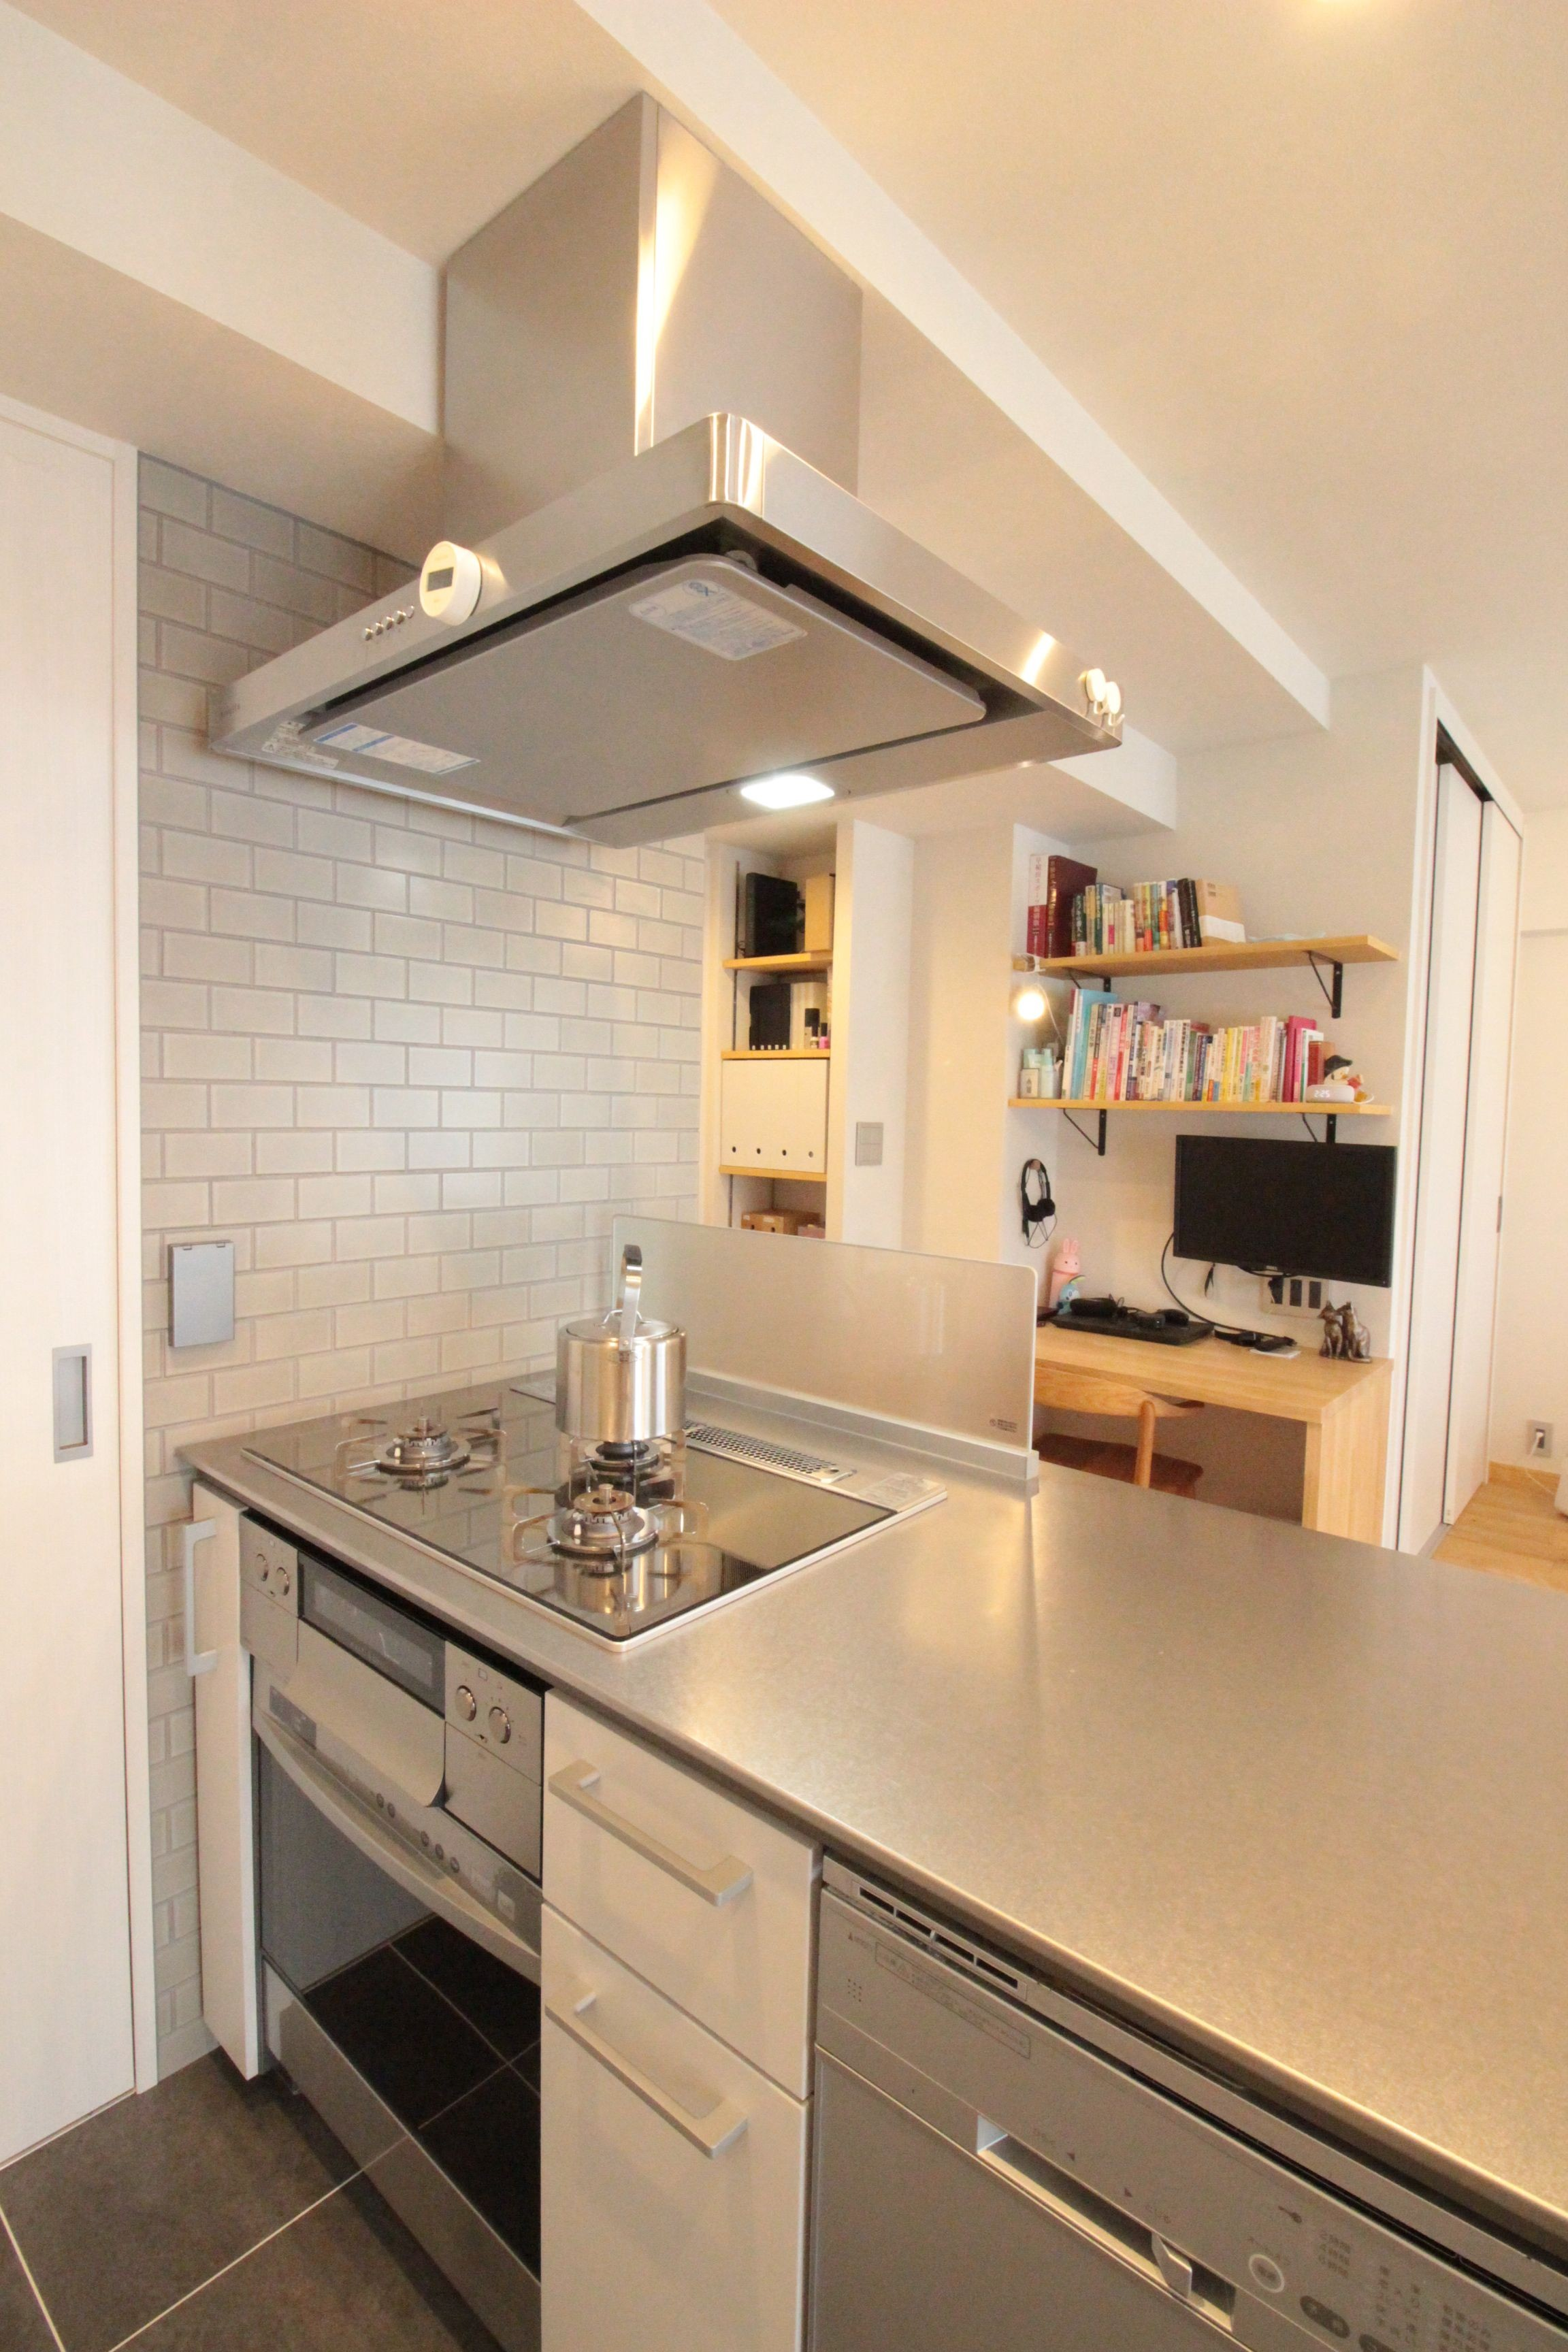 キッチン事例:タイルの絶妙な雰囲気が、キッチンをより素敵に!(回遊性で家事ラク!開放感で子どもが喜ぶ間取りに!)